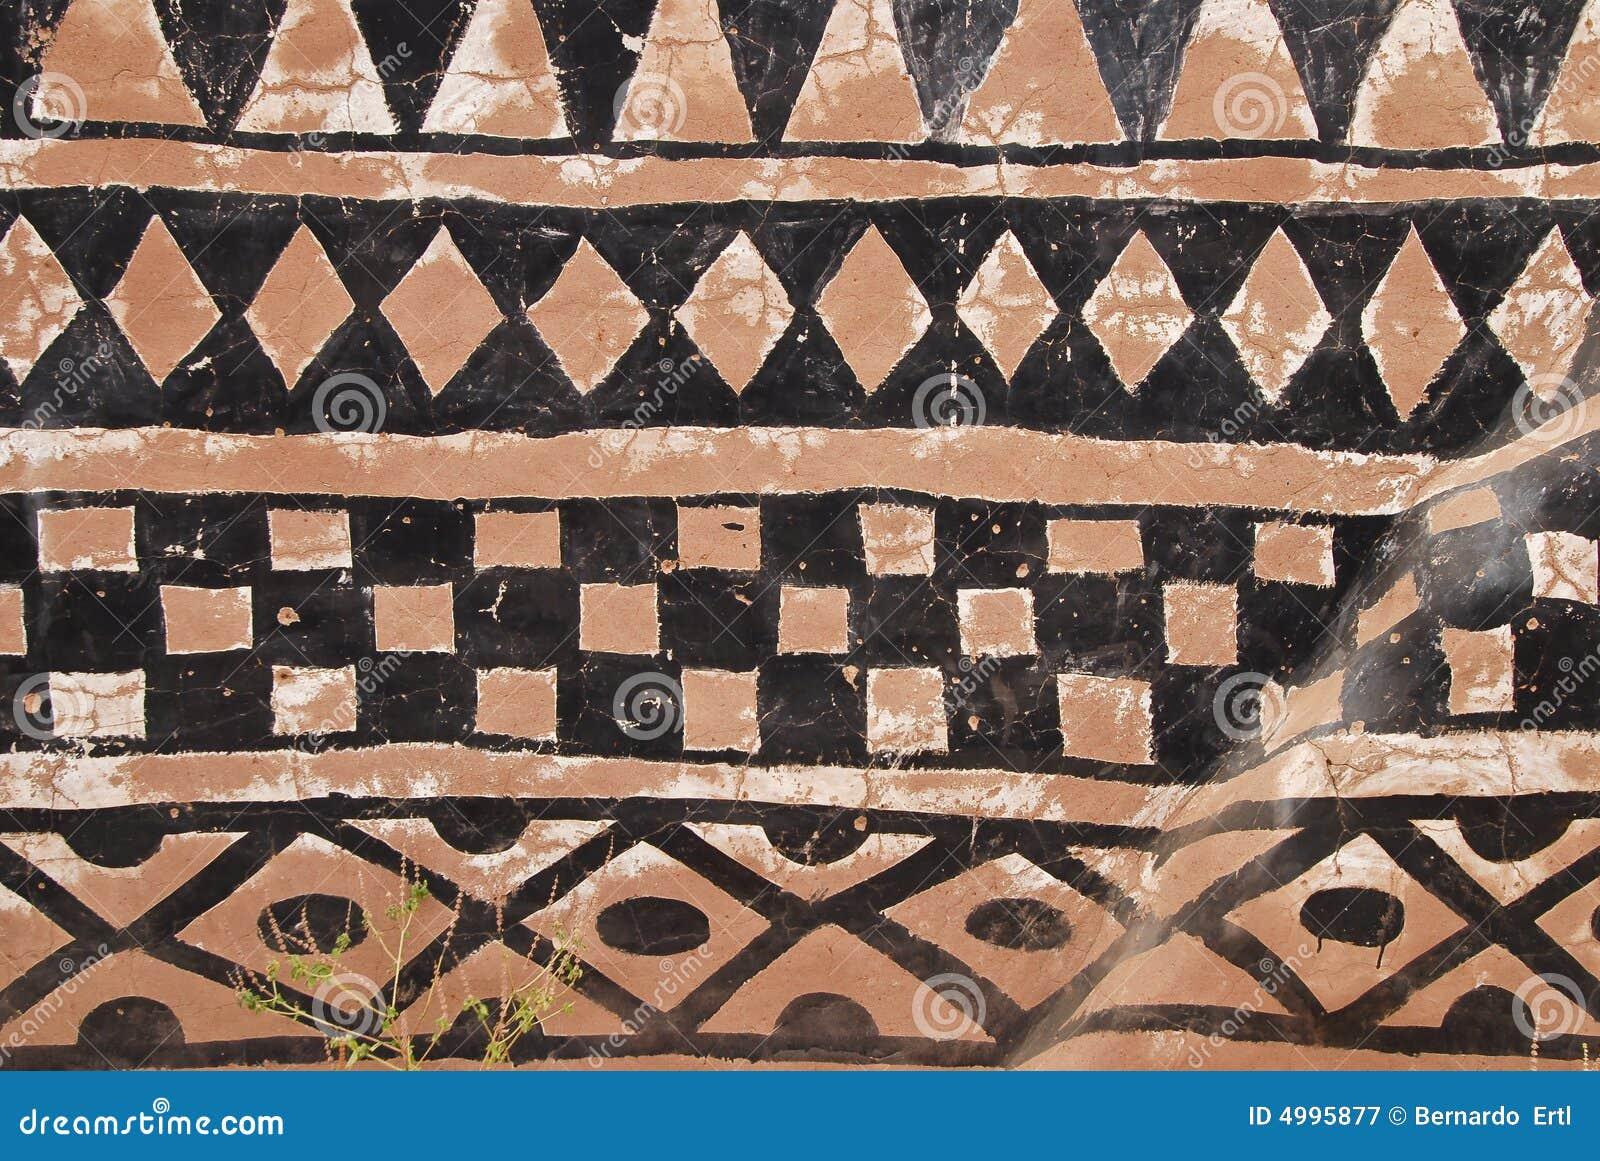 Mur avec la peinture tribale africaine photographie stock libre de droits image 4995877 - Droit locataire peinture murs ...